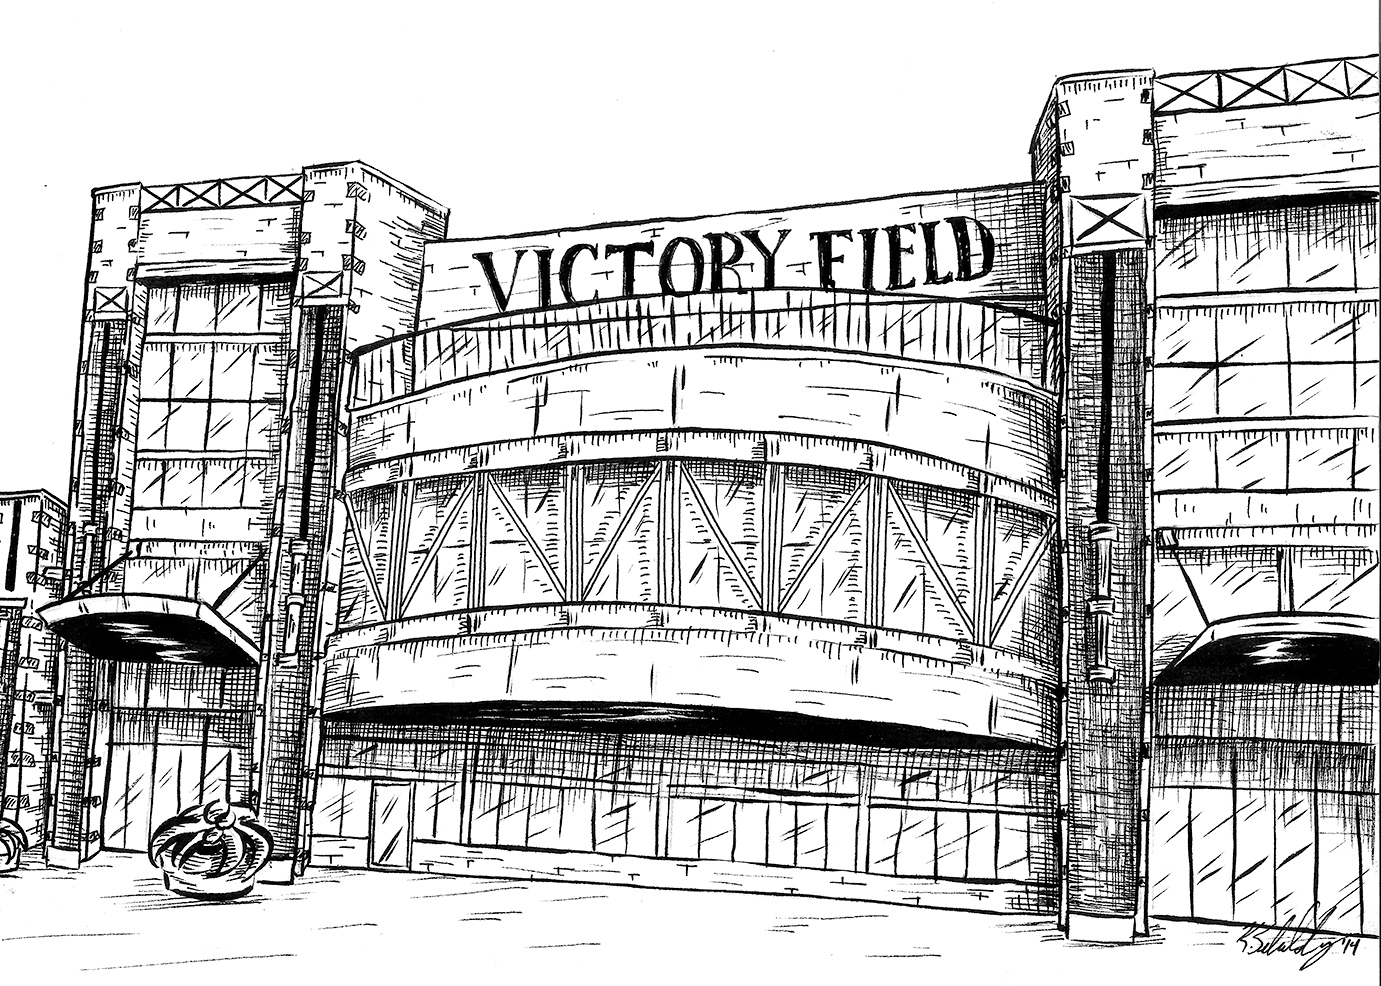 victoryfield